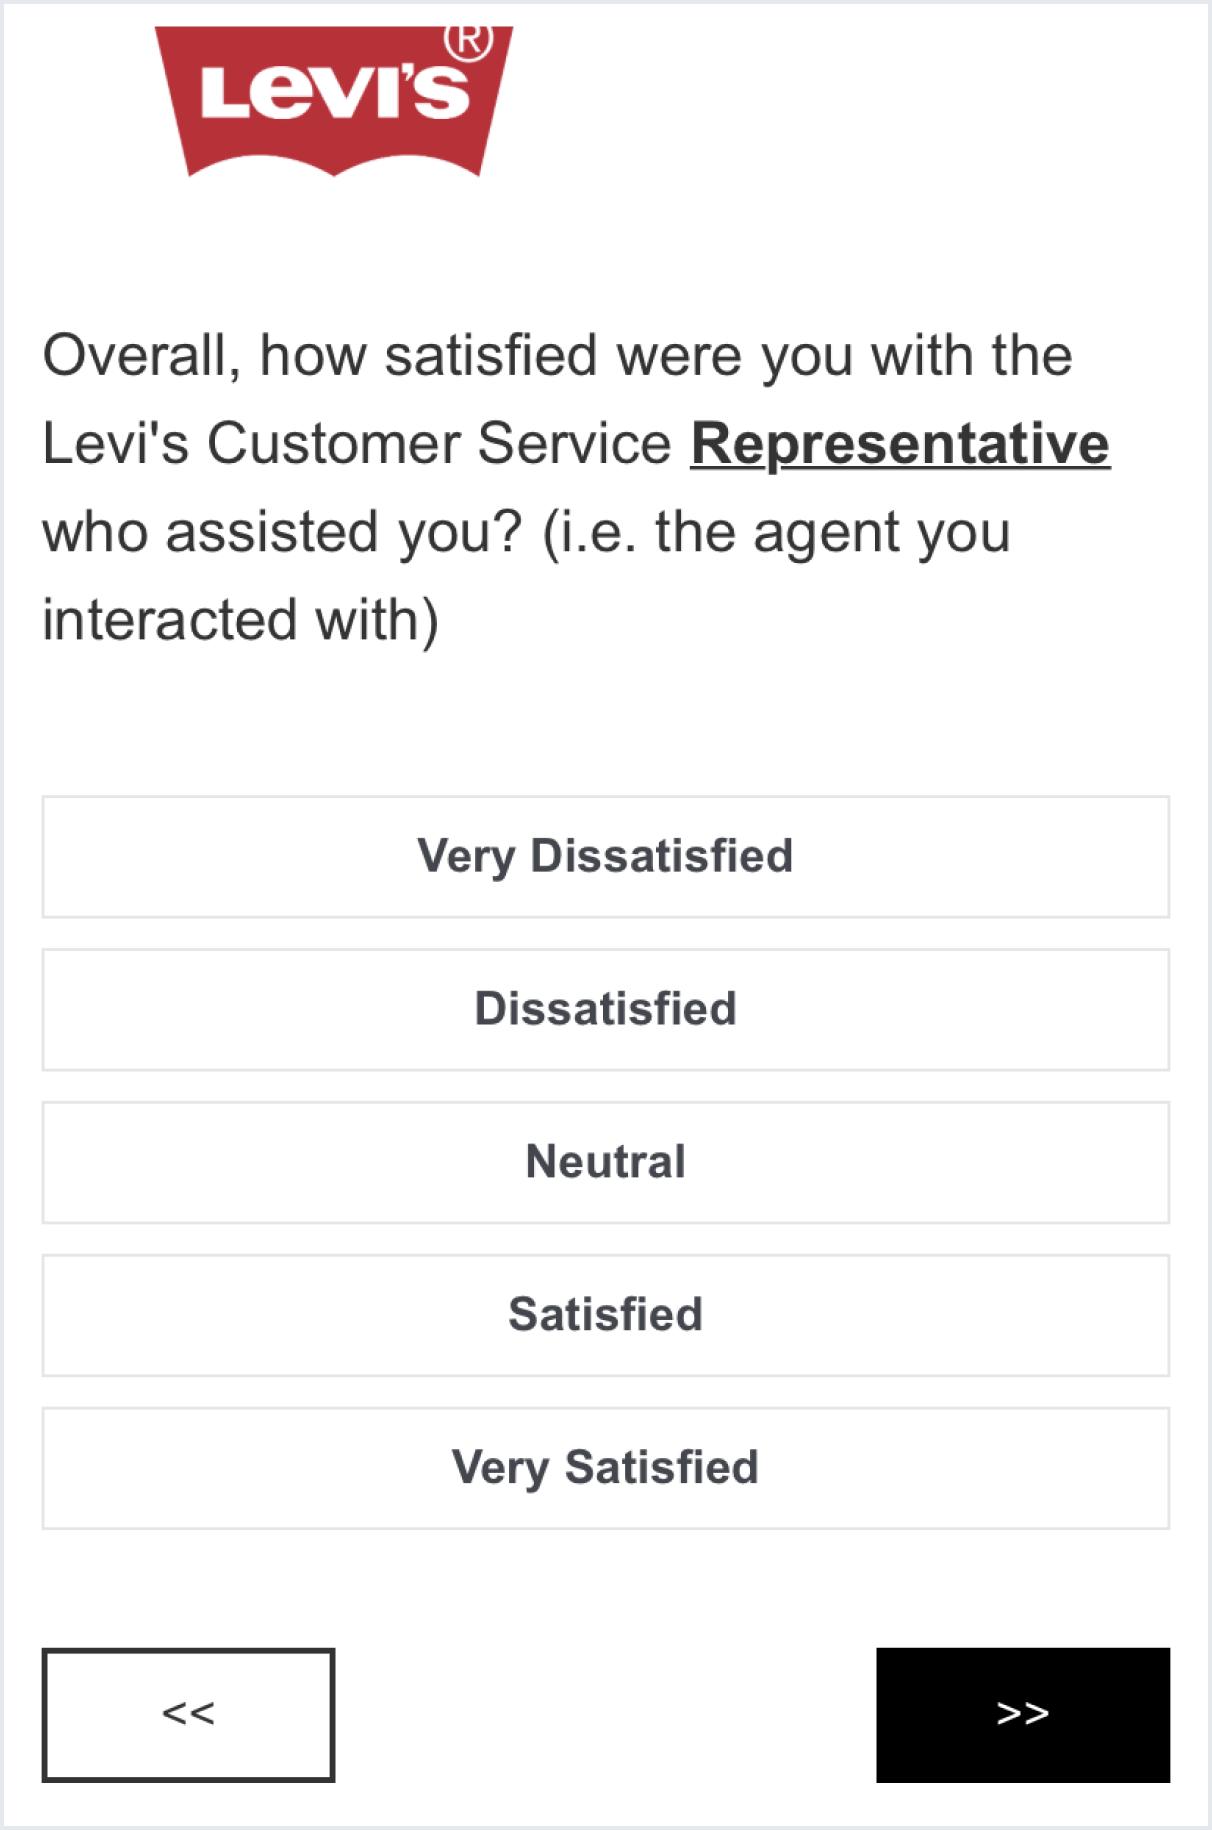 Levi's CSAT survey example